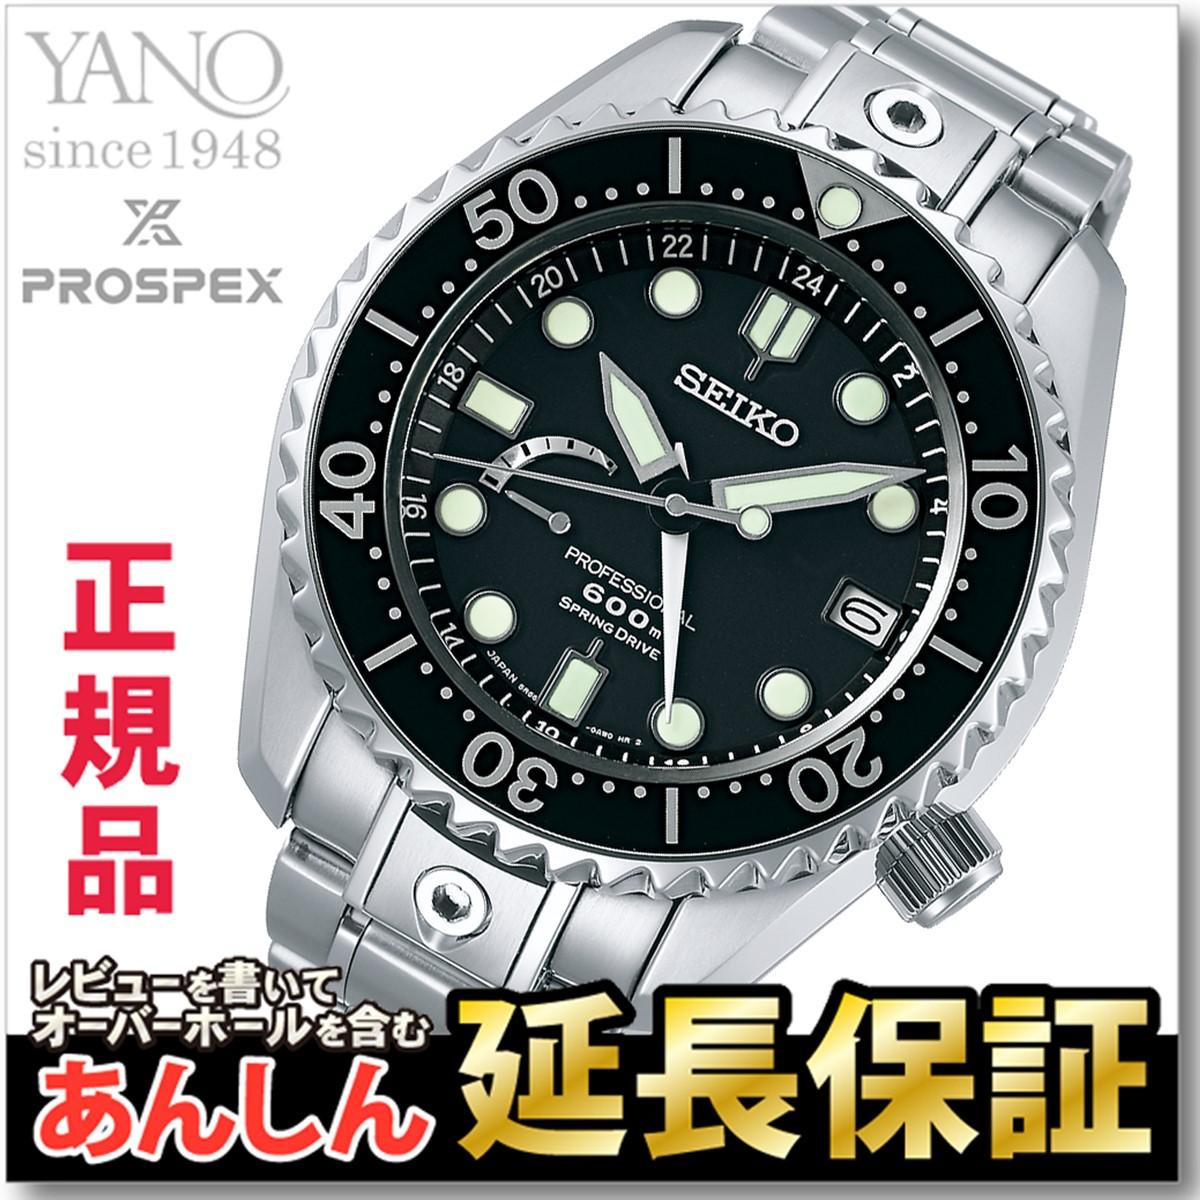 セイコー プロスペックス SEIKO PROSPEX マリーンマスター プロフェッショナル ダイバーズウォッチ スプリングドライブ 腕時計 メンズ SBDB011【2015】【ラッピング無料】_10spl